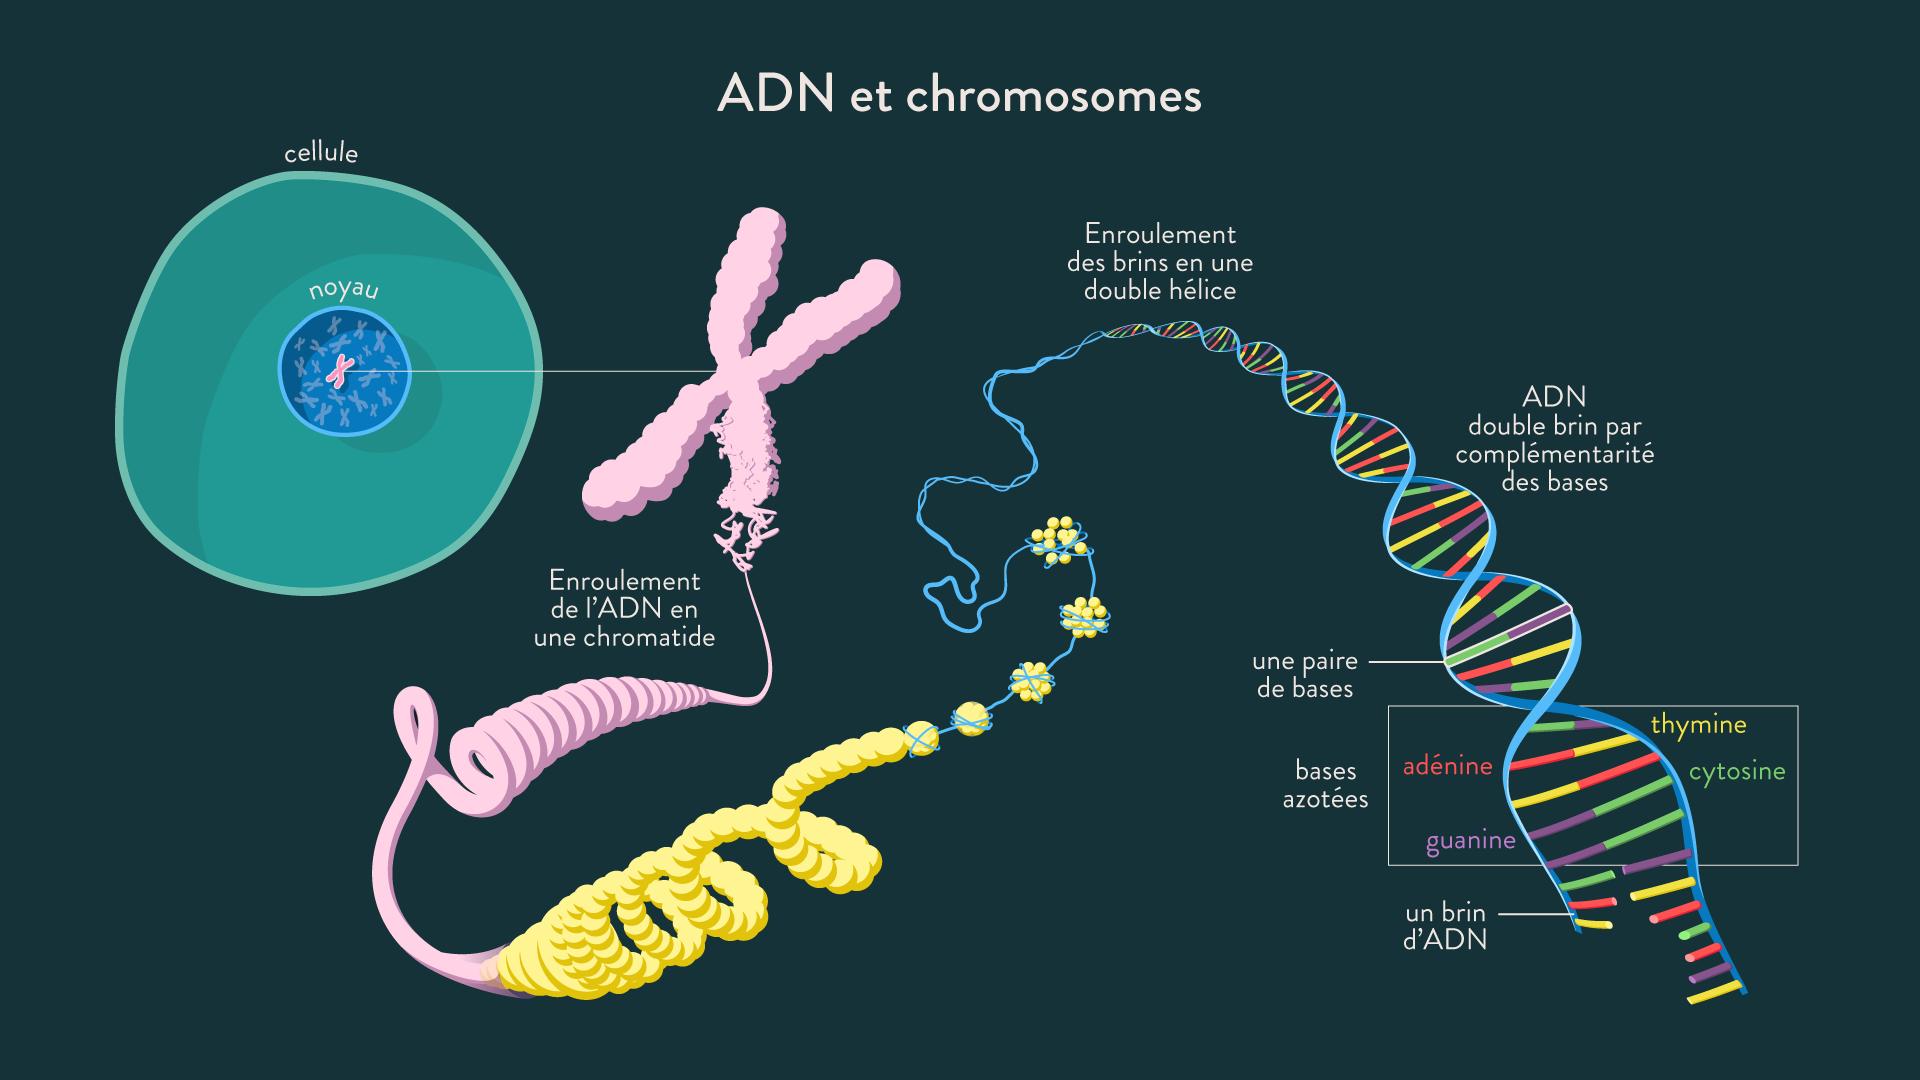 ADN et chromosomes